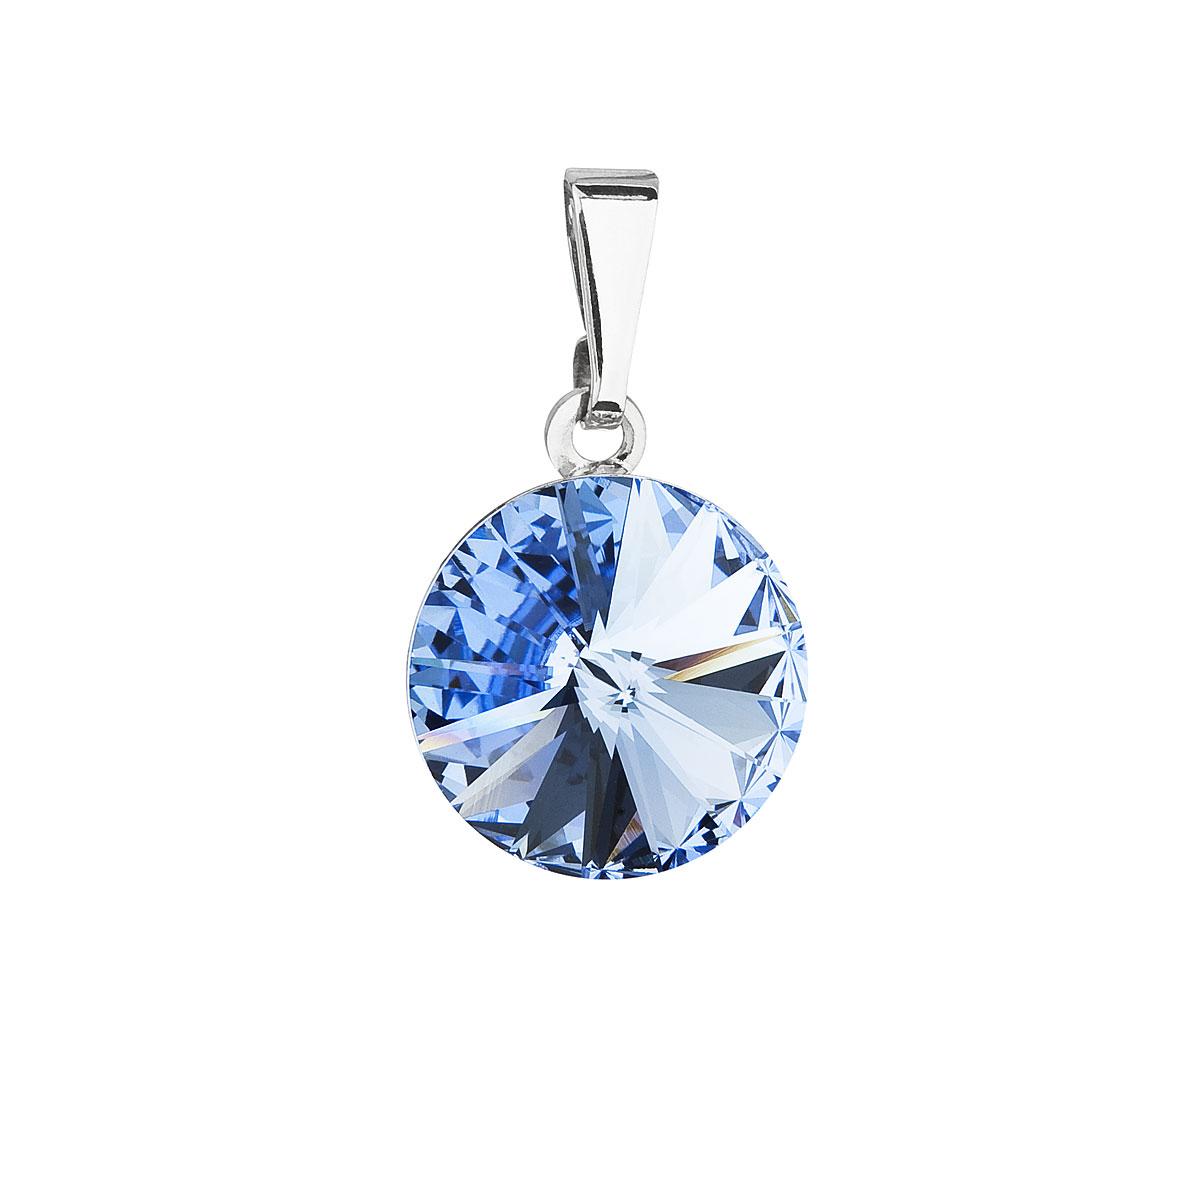 Evolution Group Přívěsek se Swarovski krystaly fialový modrý 54001.3